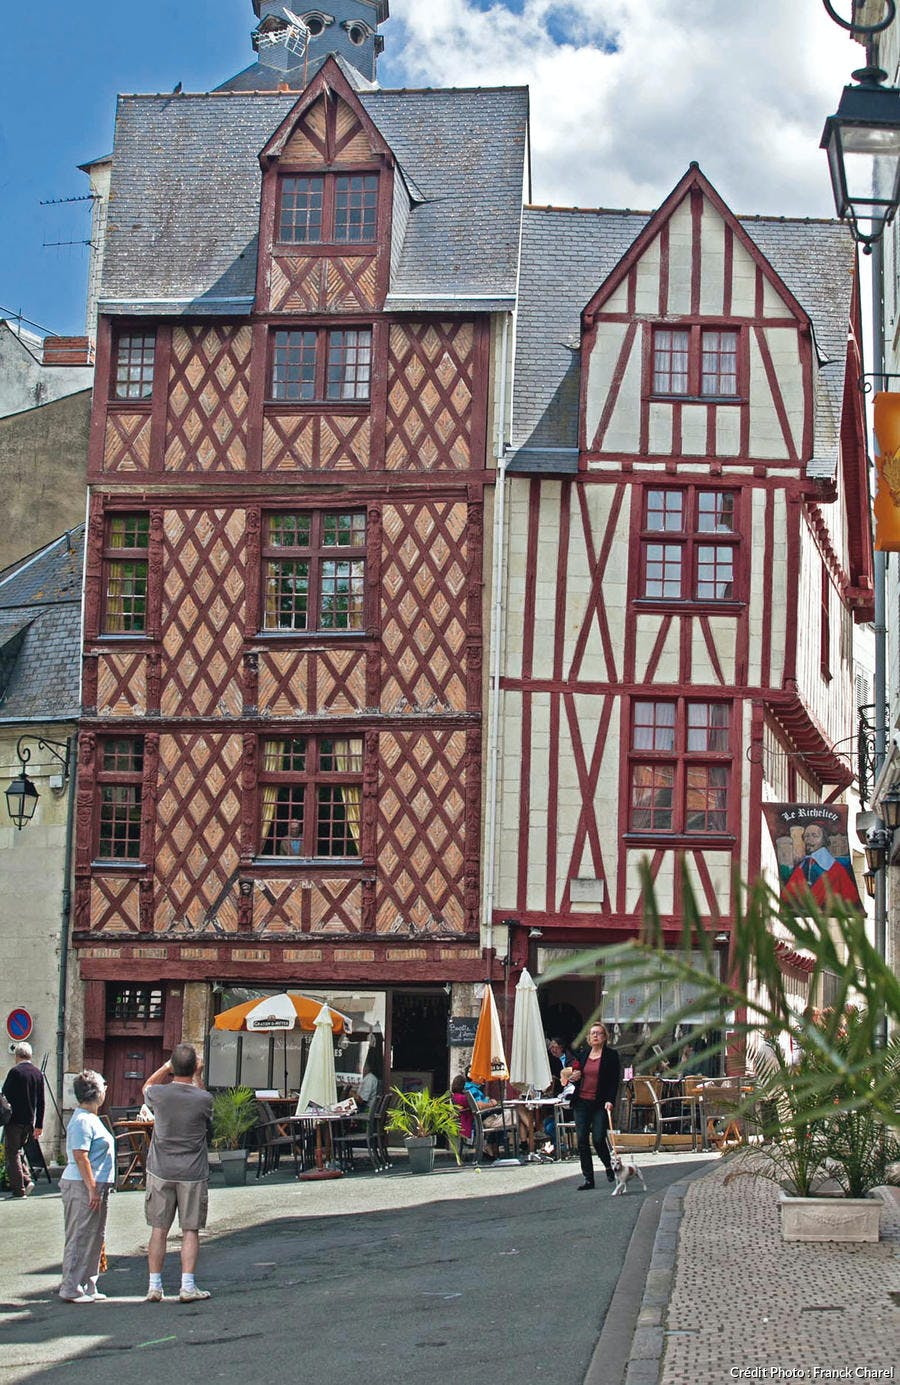 Maisons à pans de bois dans le centre-ville de Saumur